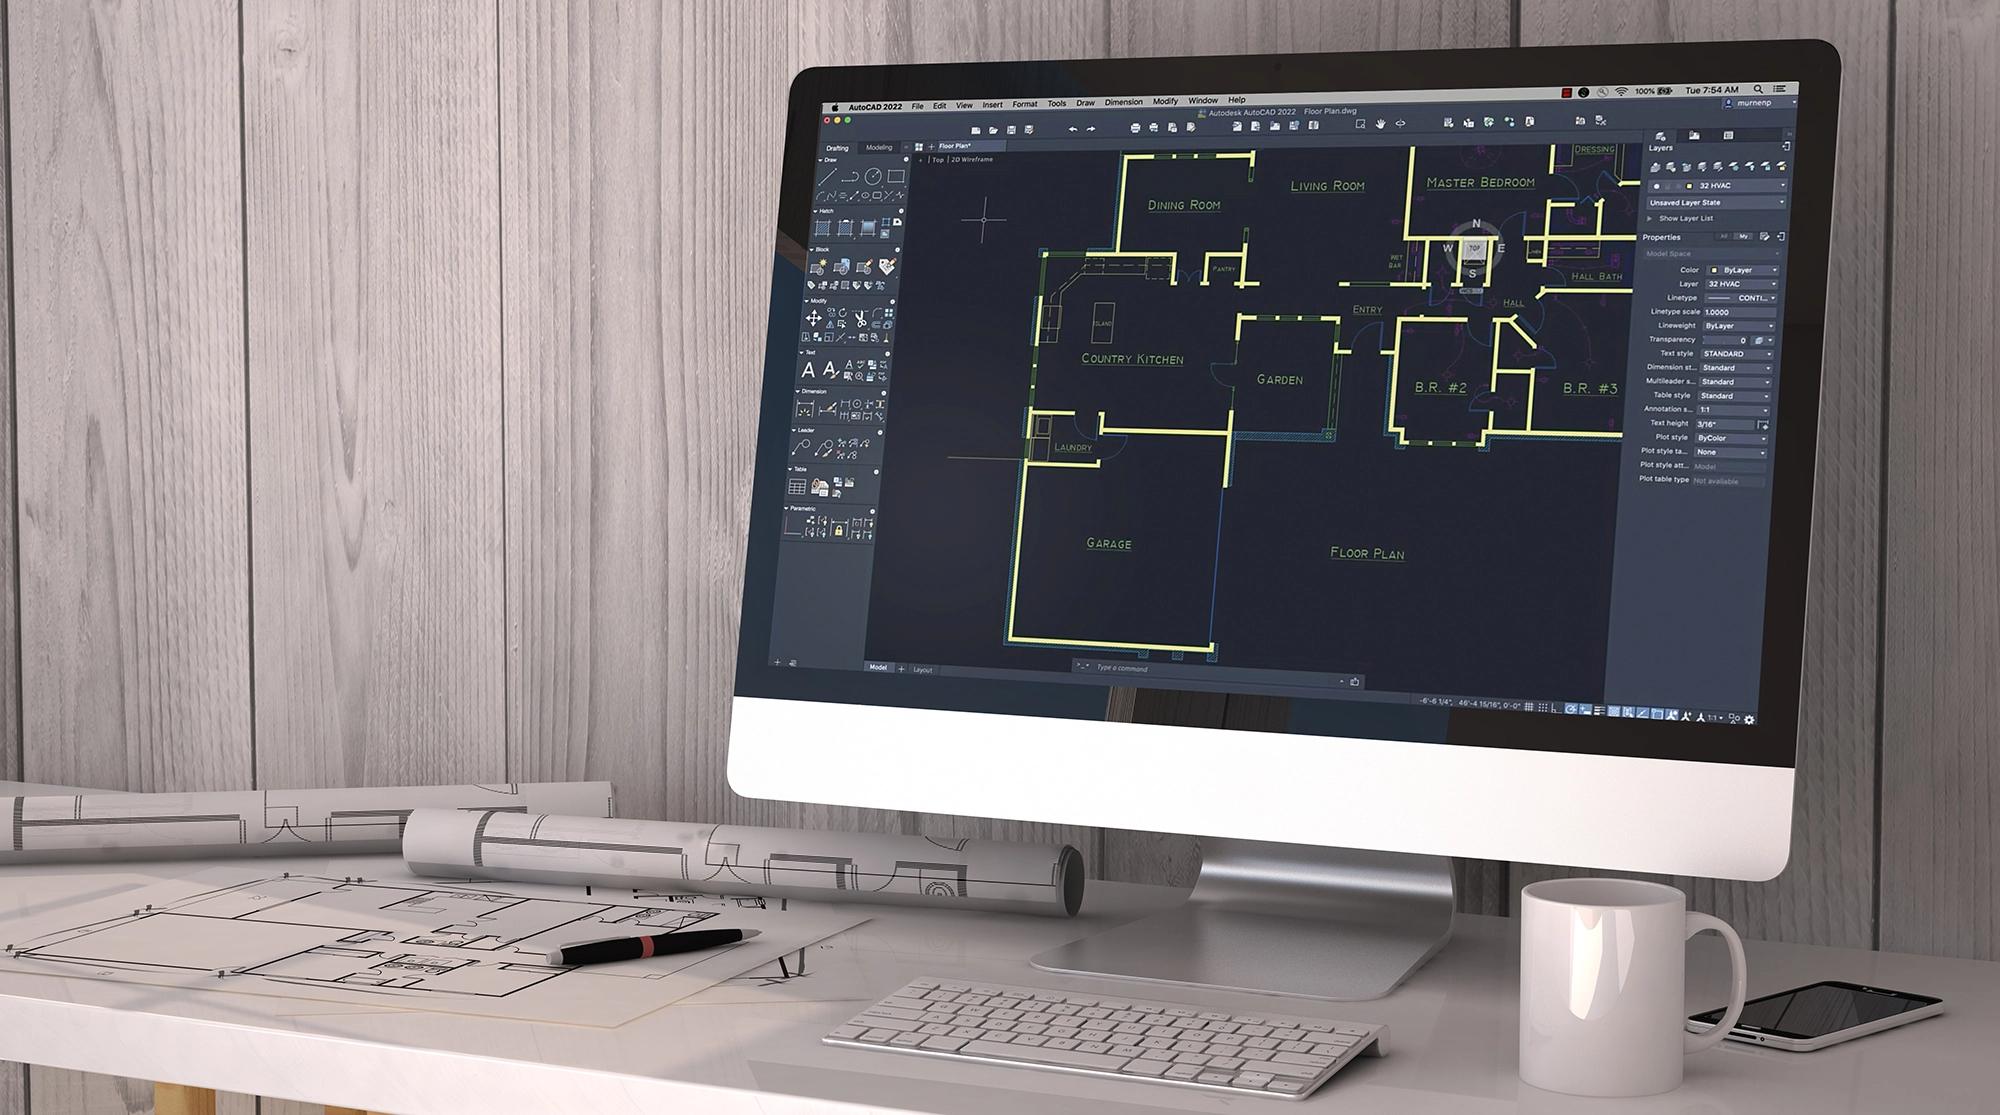 AutoCAD 2022 cho Mac có nhiều cải tiến